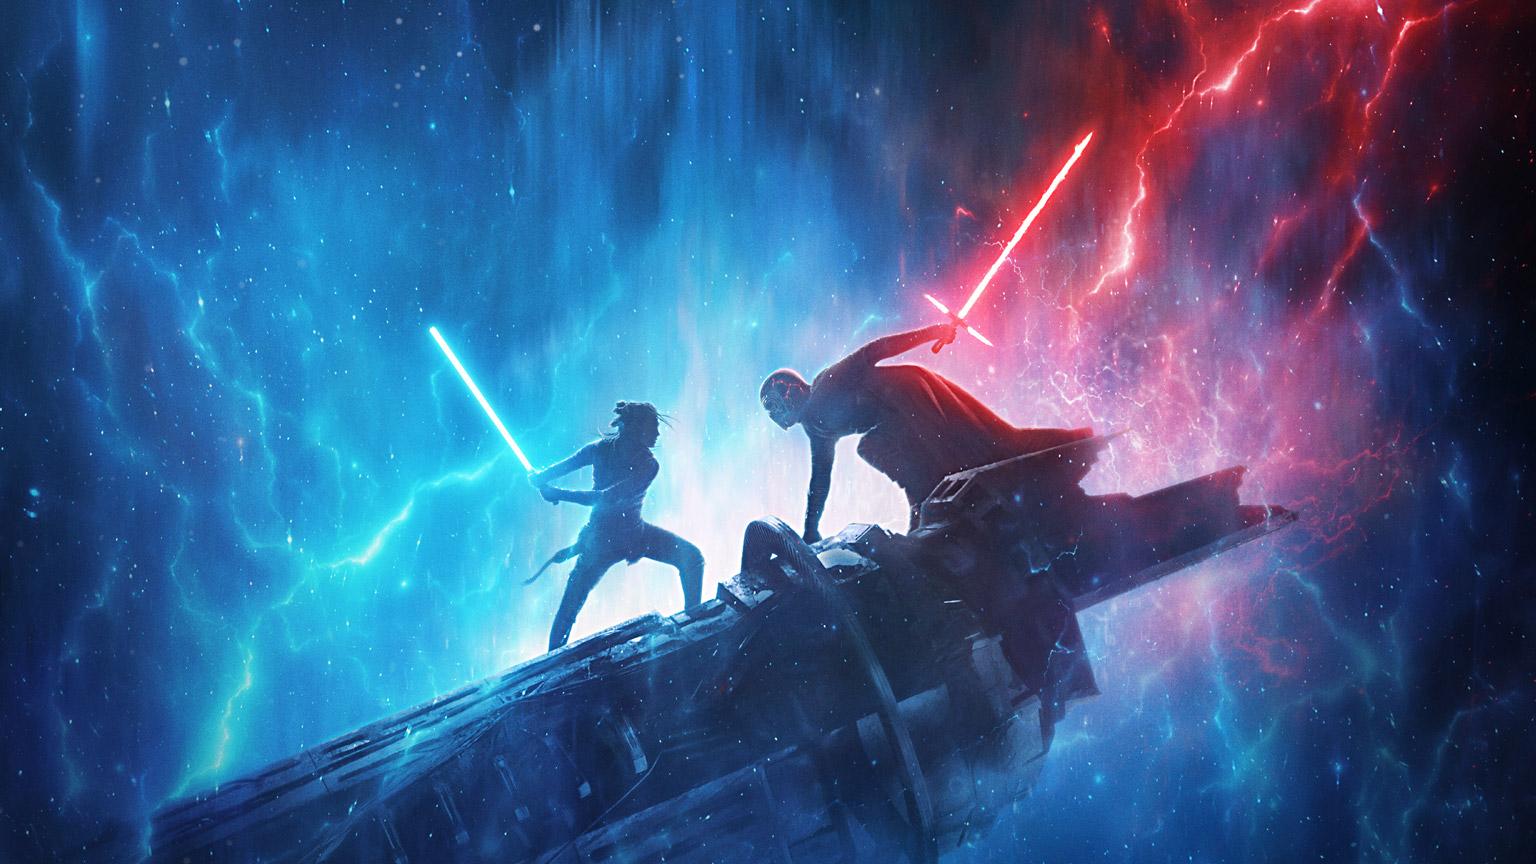 Star-Wars-Episode-9-Der-Aufstieg-Skywalkers-Blogbereicht-Kylo-Ren-Rey-Disney-Lucasfilm